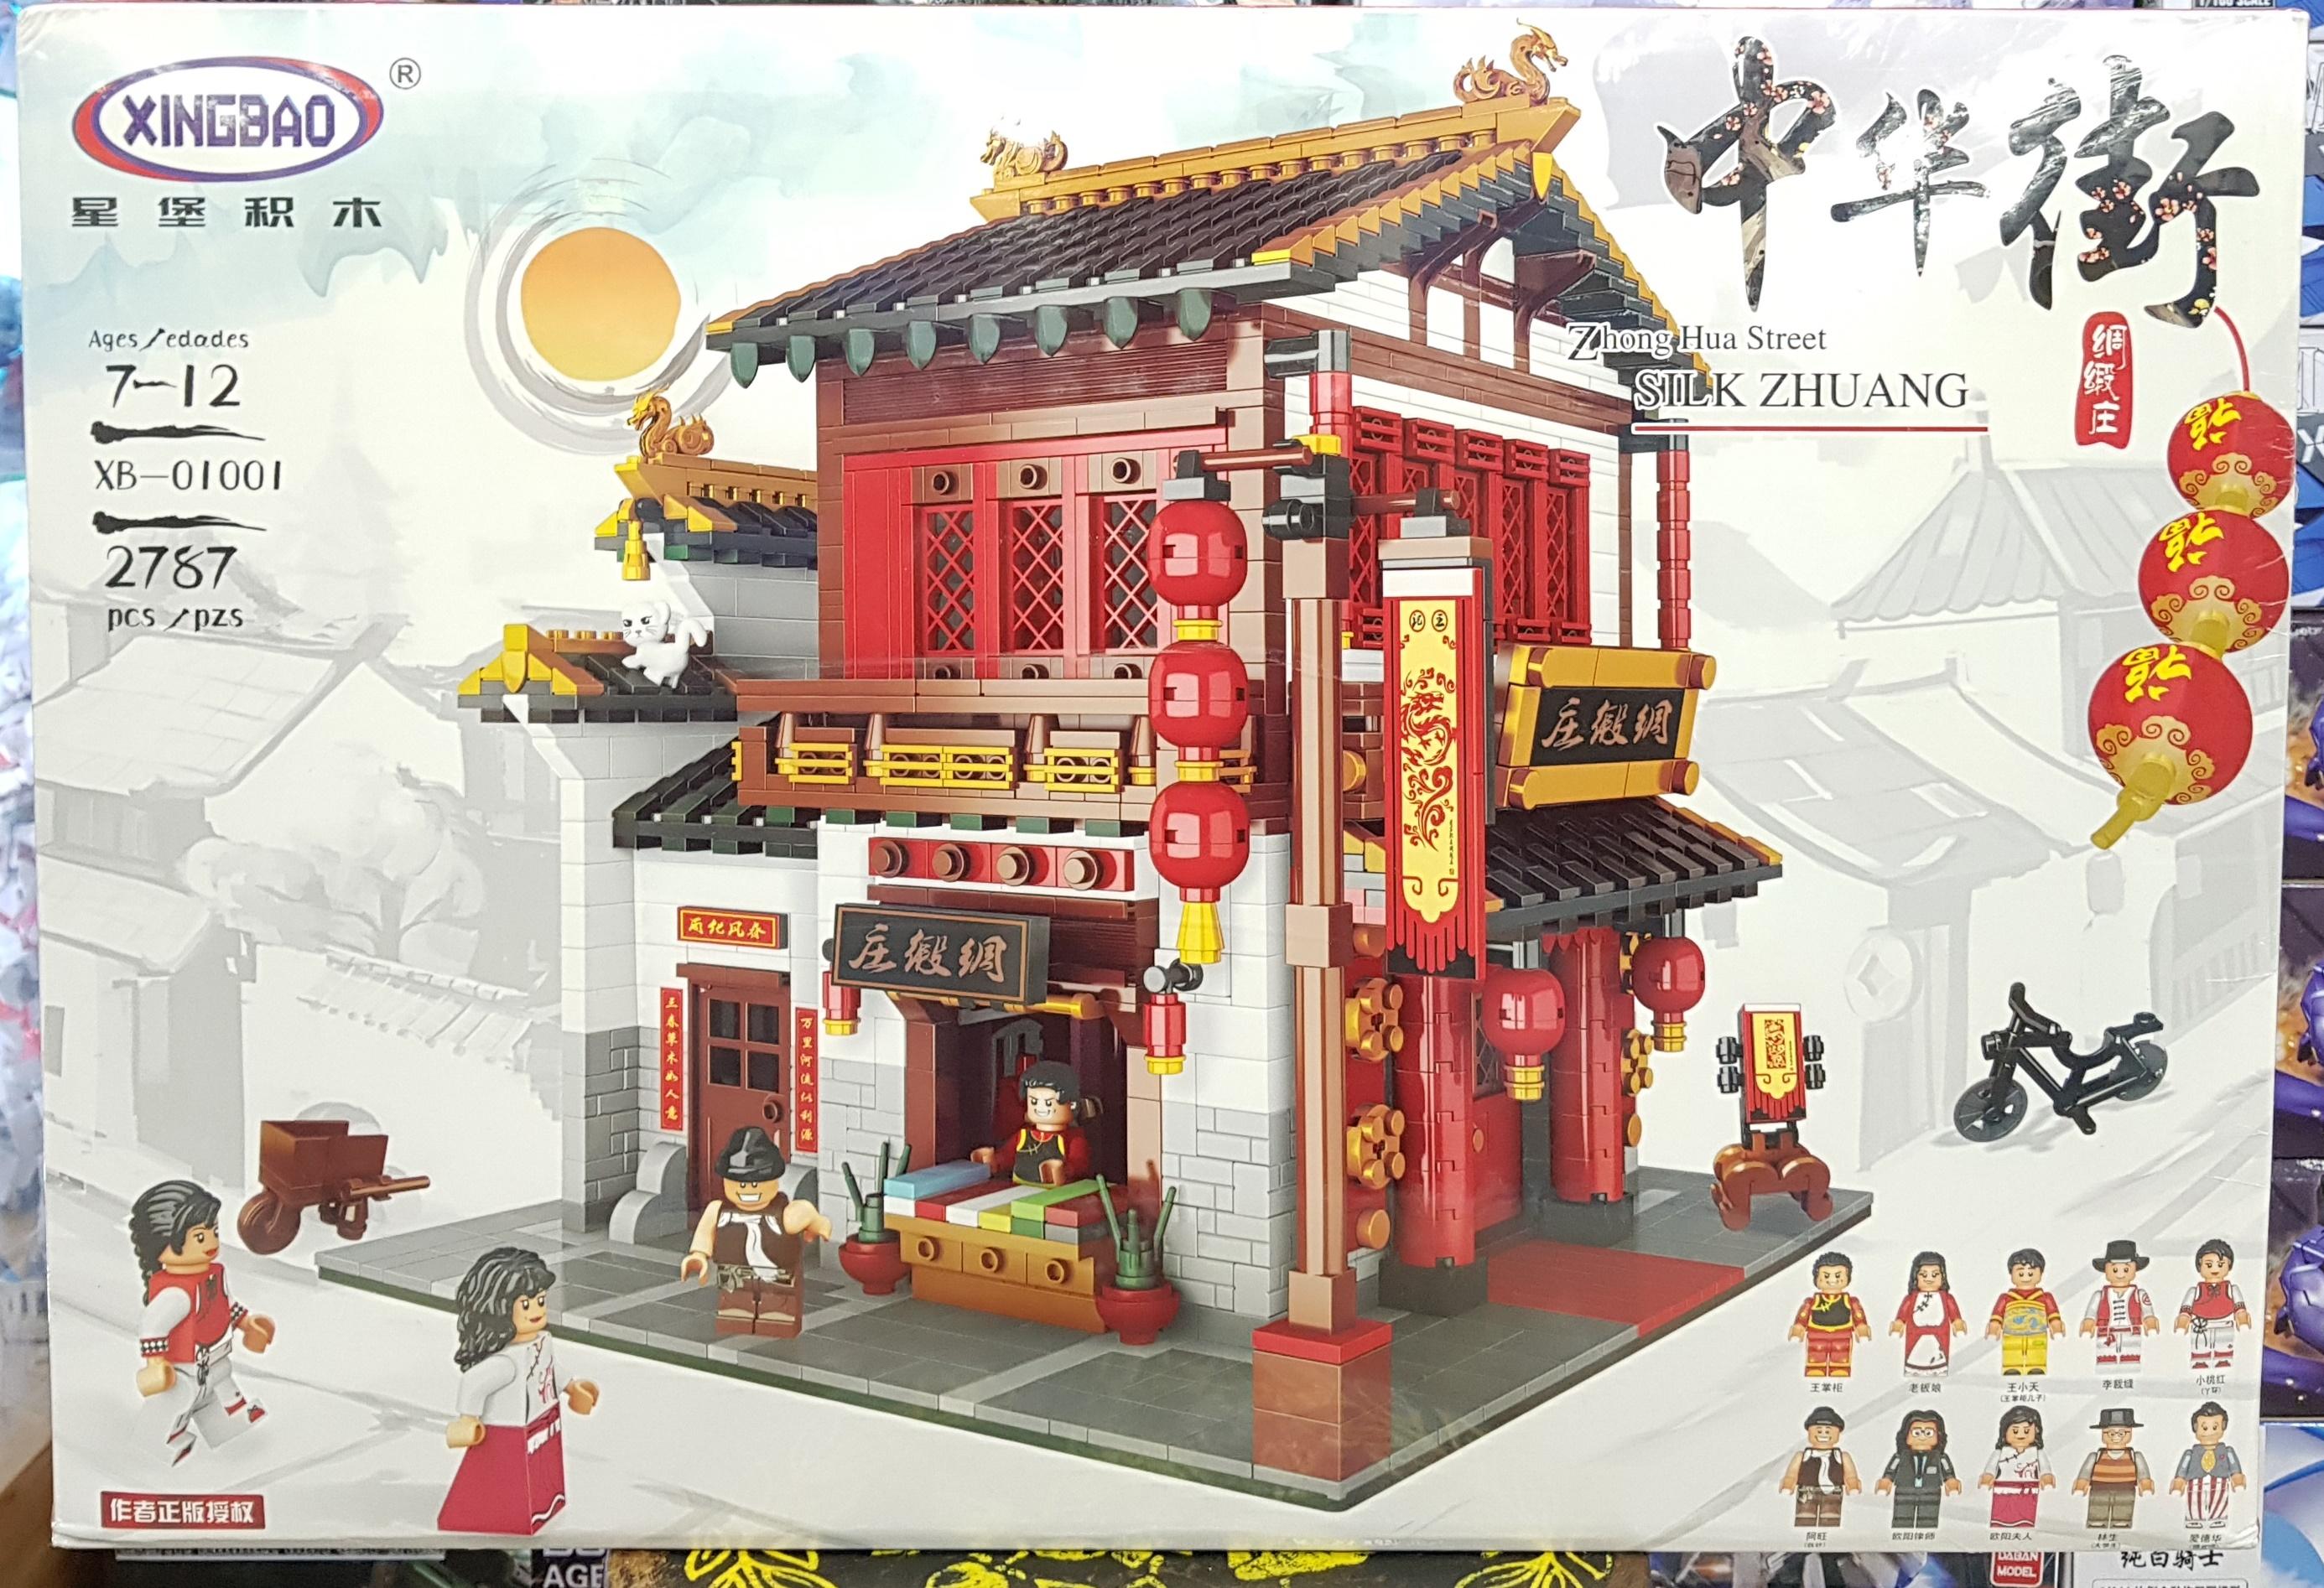 XINGBAO ZHONG HUA STREET SILK ZHUANG 01001 [2787ชิ้น]